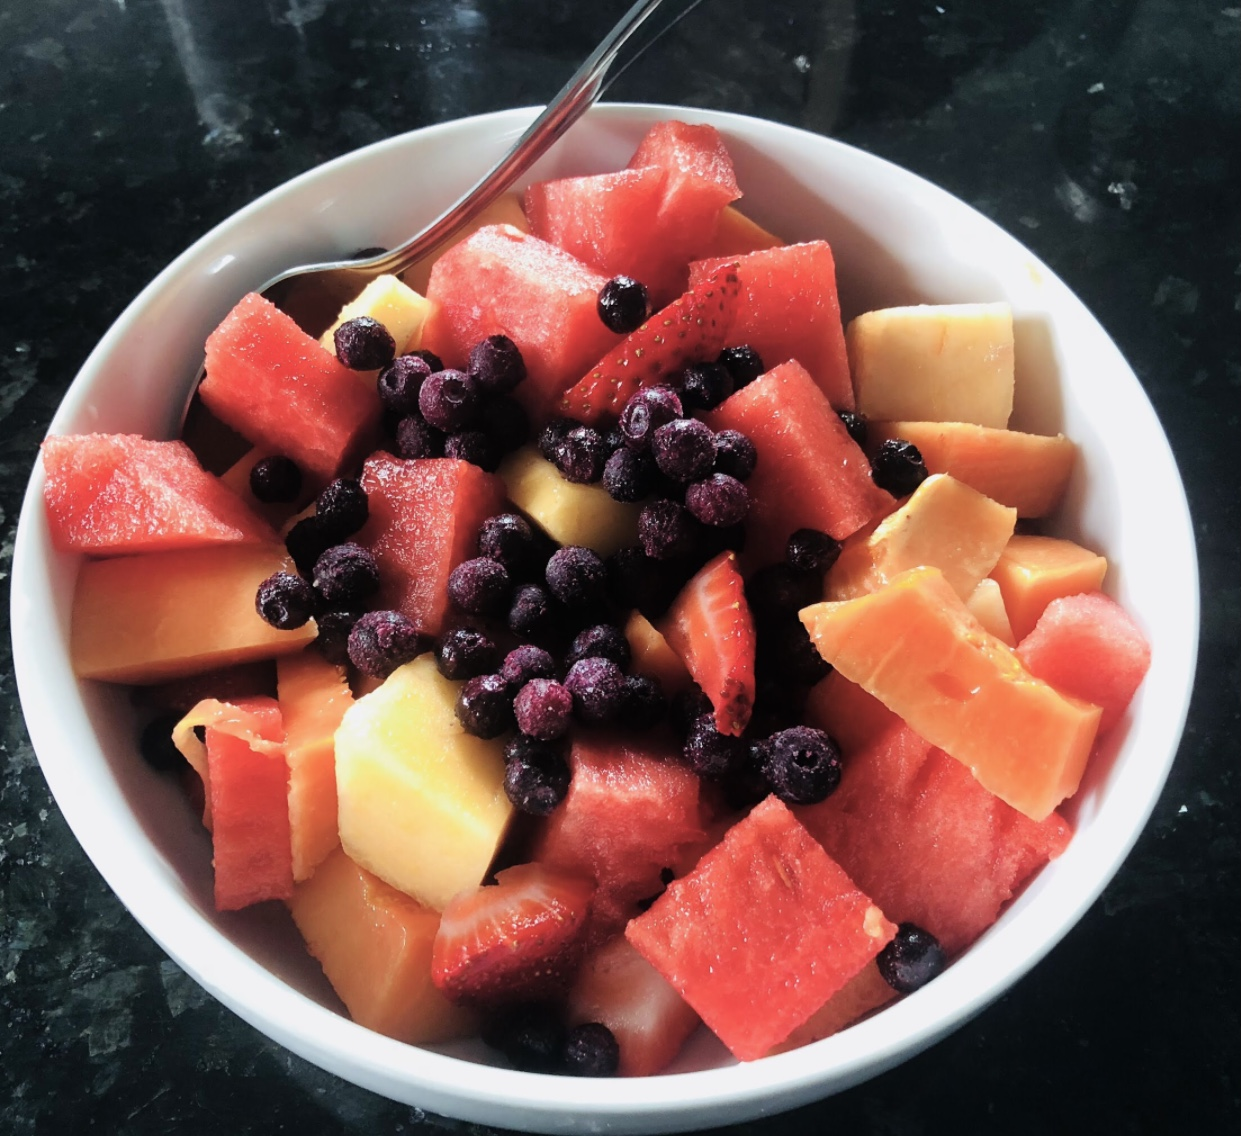 Chế độ ăn thuần chay thô Lợi ích từ trái cây hỗn hợp